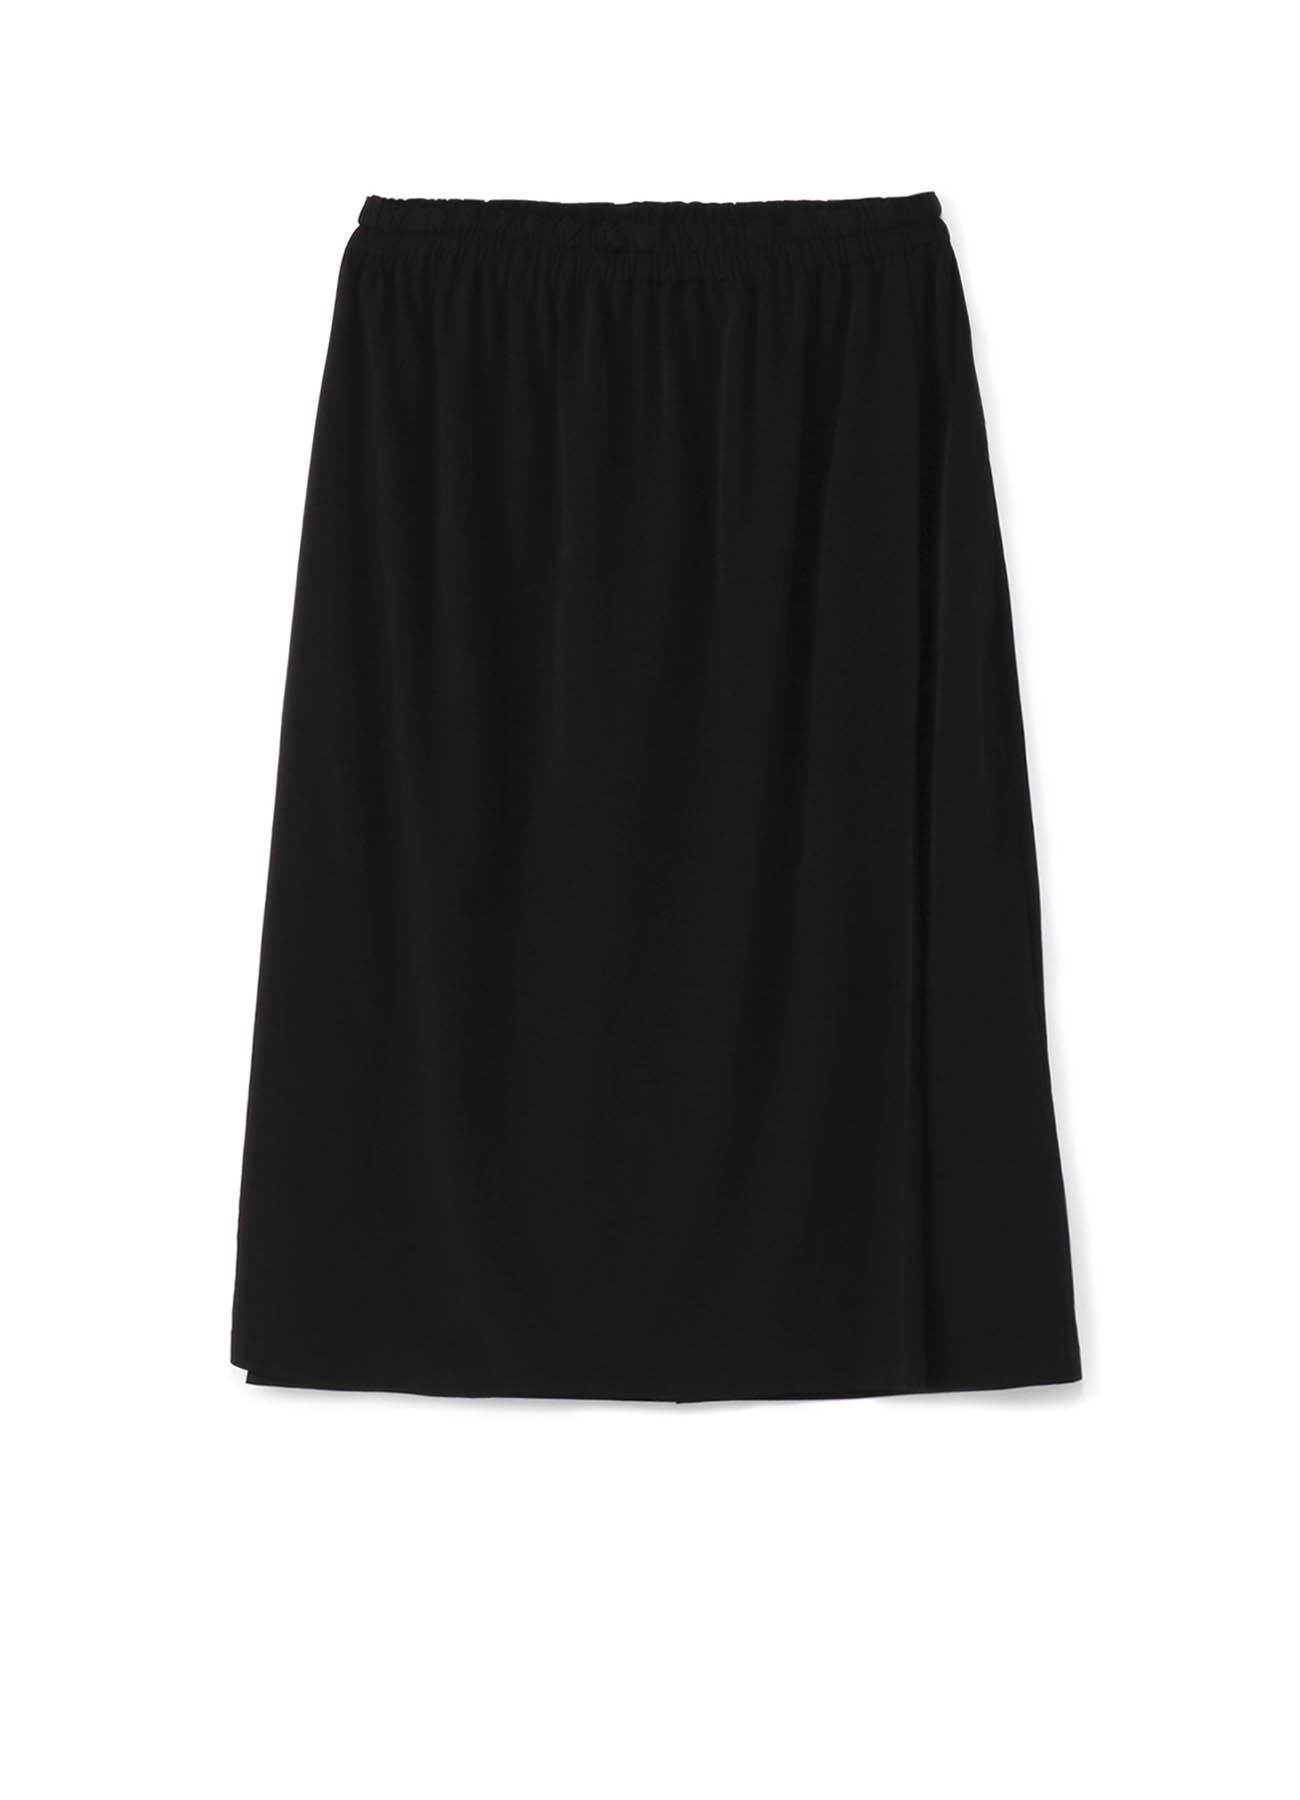 复古风情围裙宽裤